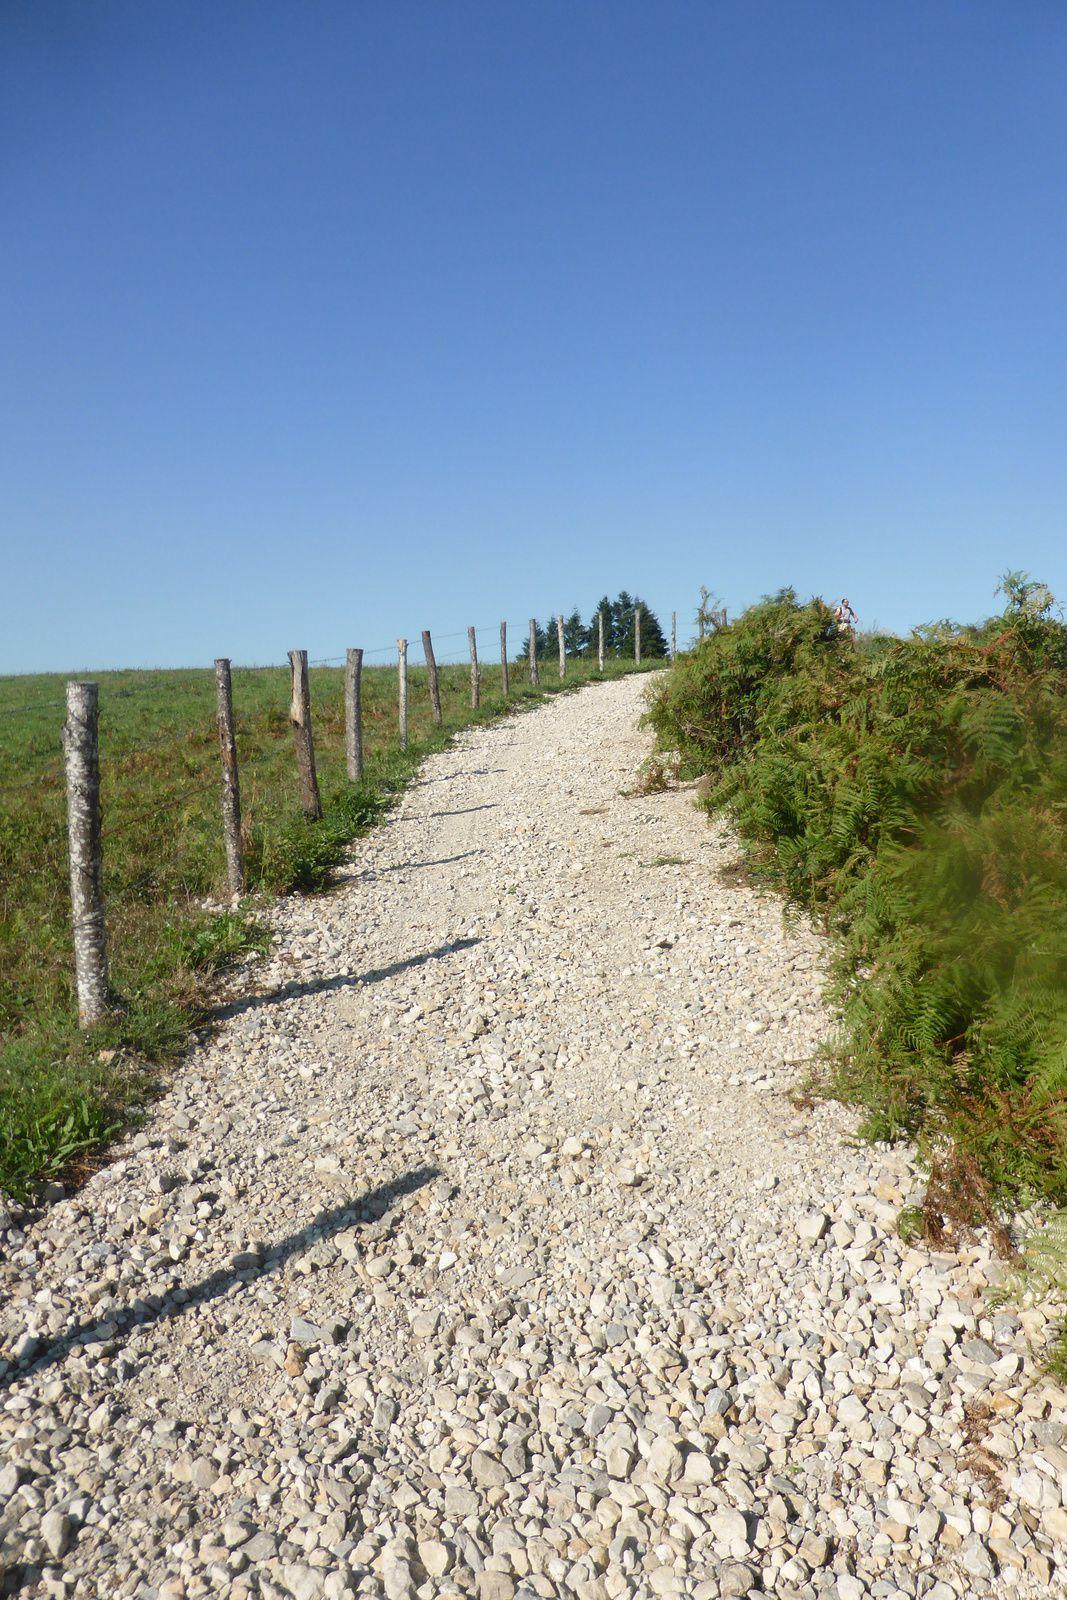 """Après avoir terminé la montée au lieu-dit """"les Fourques"""" nous atteignons le point le plus haut, on retrouve même de nouvelles toilettes sèches, après avoir fait une petite pause, nous continuons sur le sentier puis un peu plus tard, ce sera de la route jusqu'à Noailhac."""